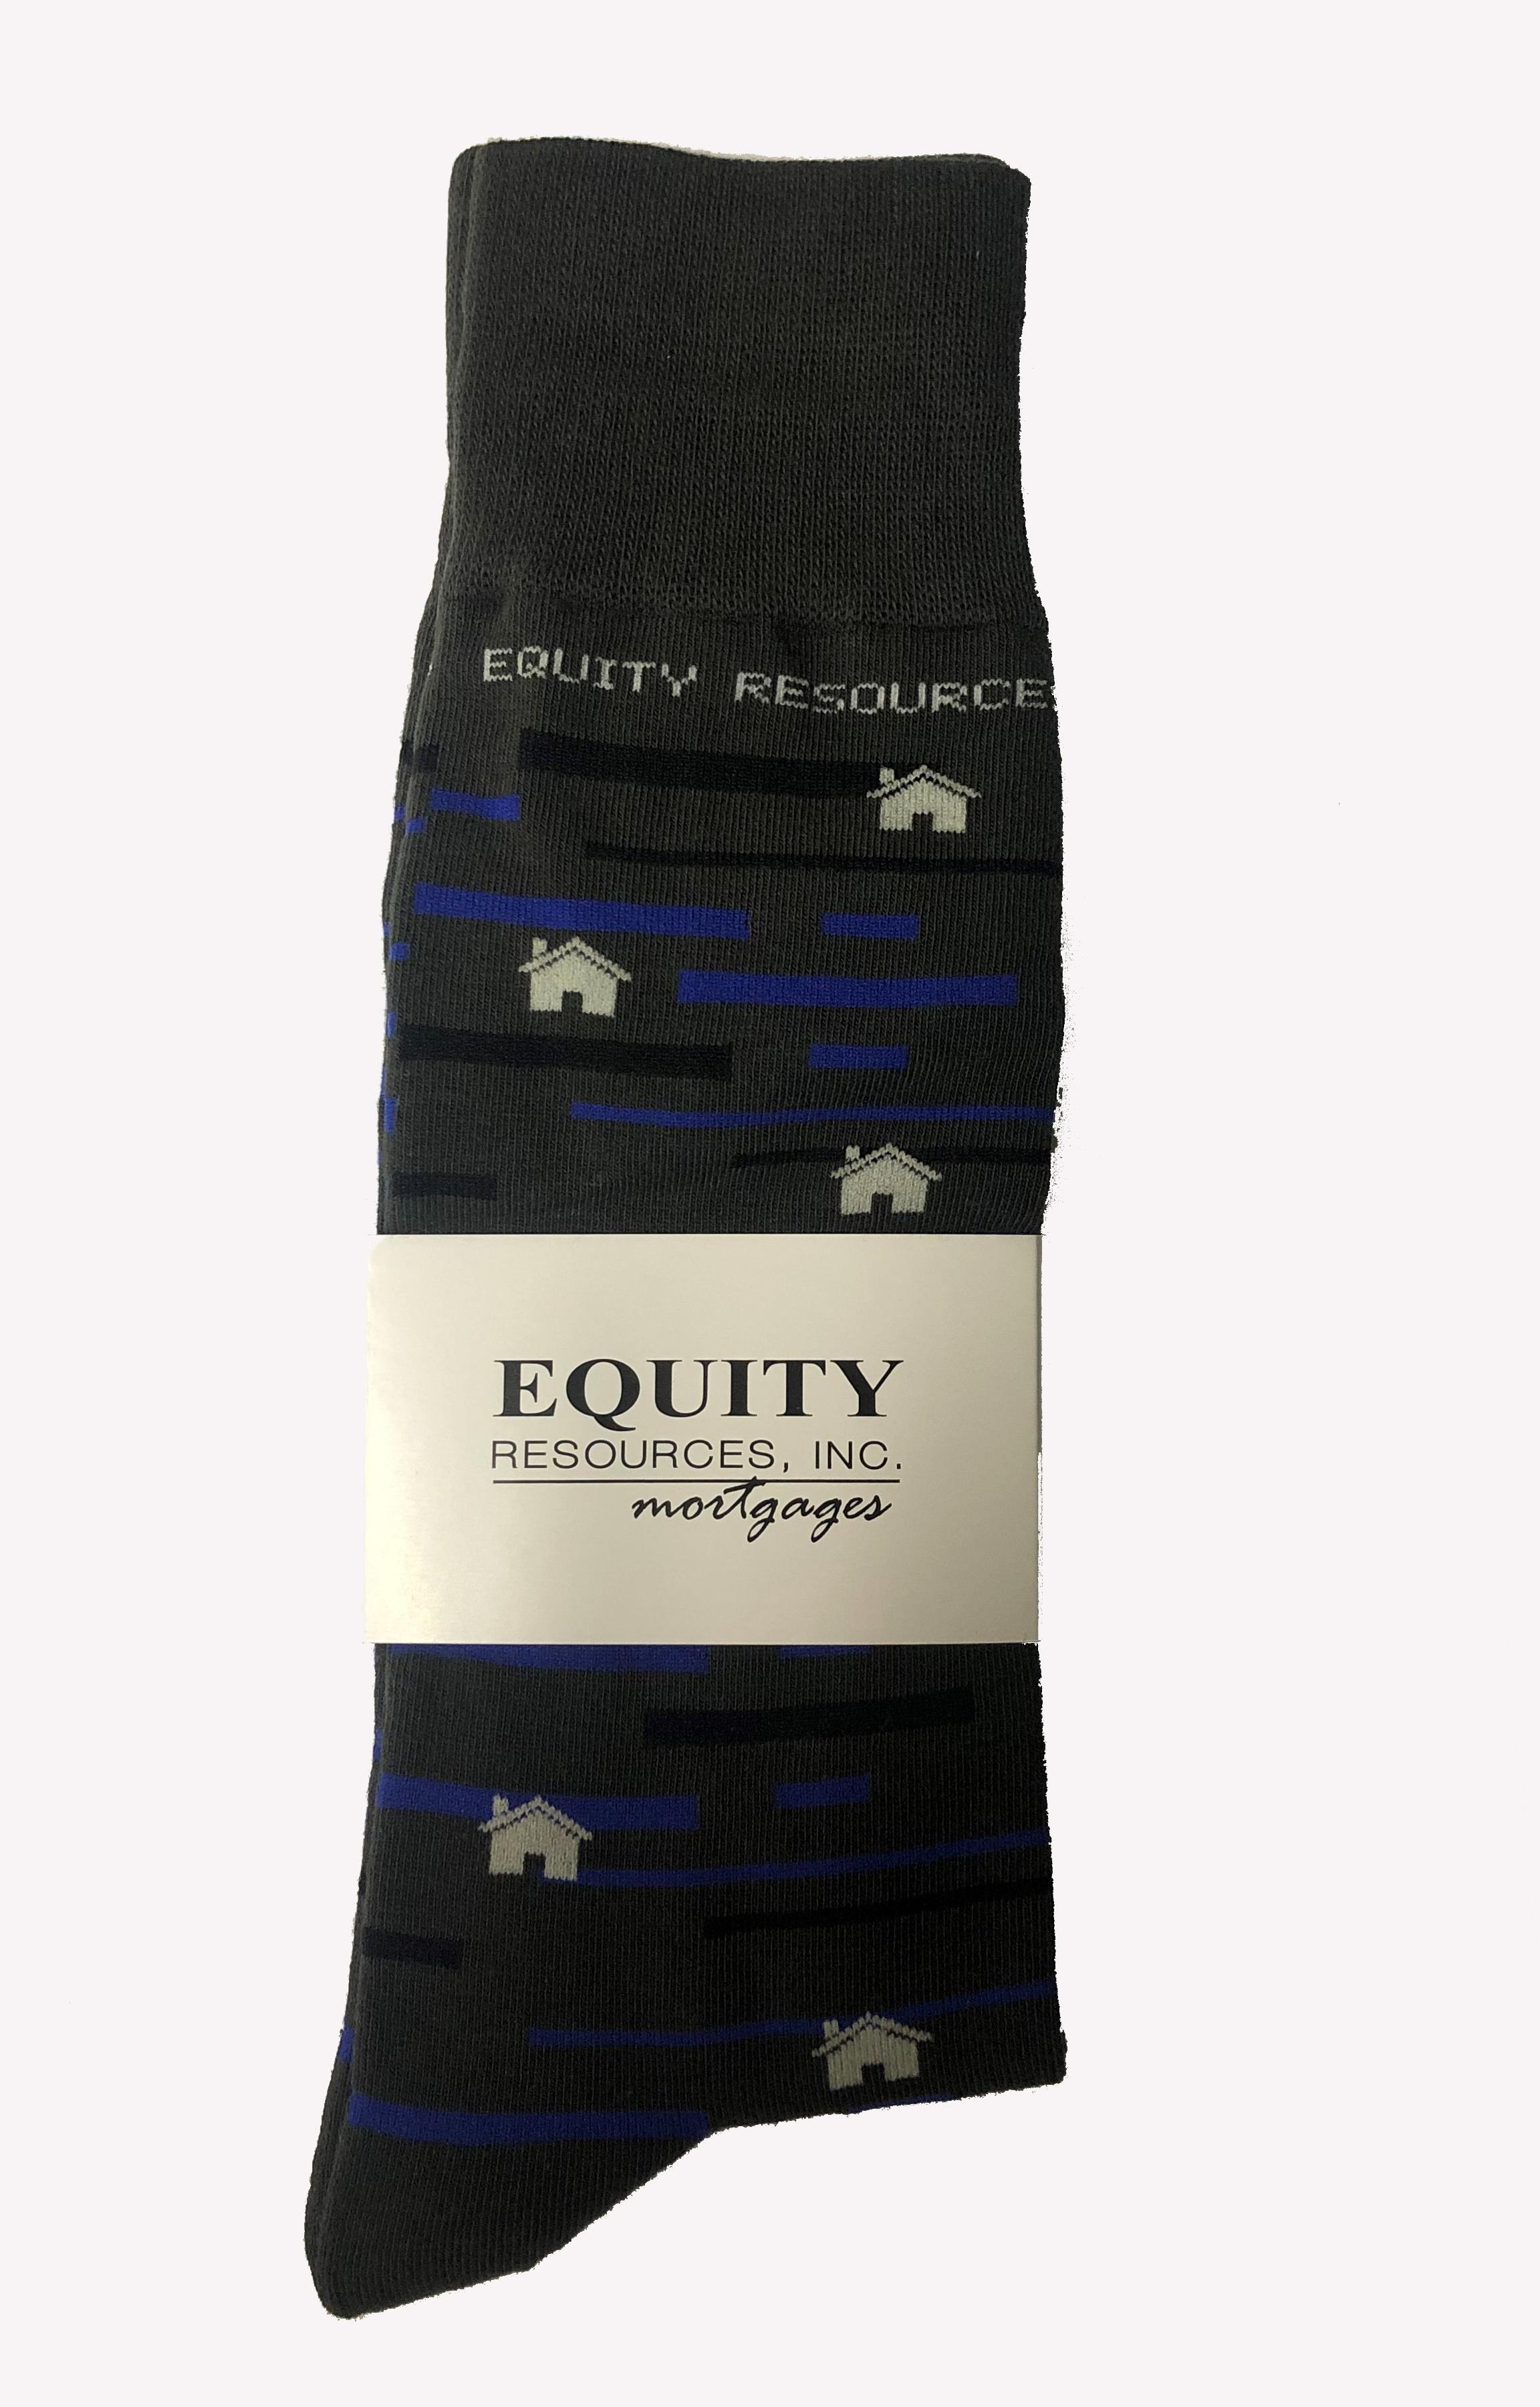 Equity Socks